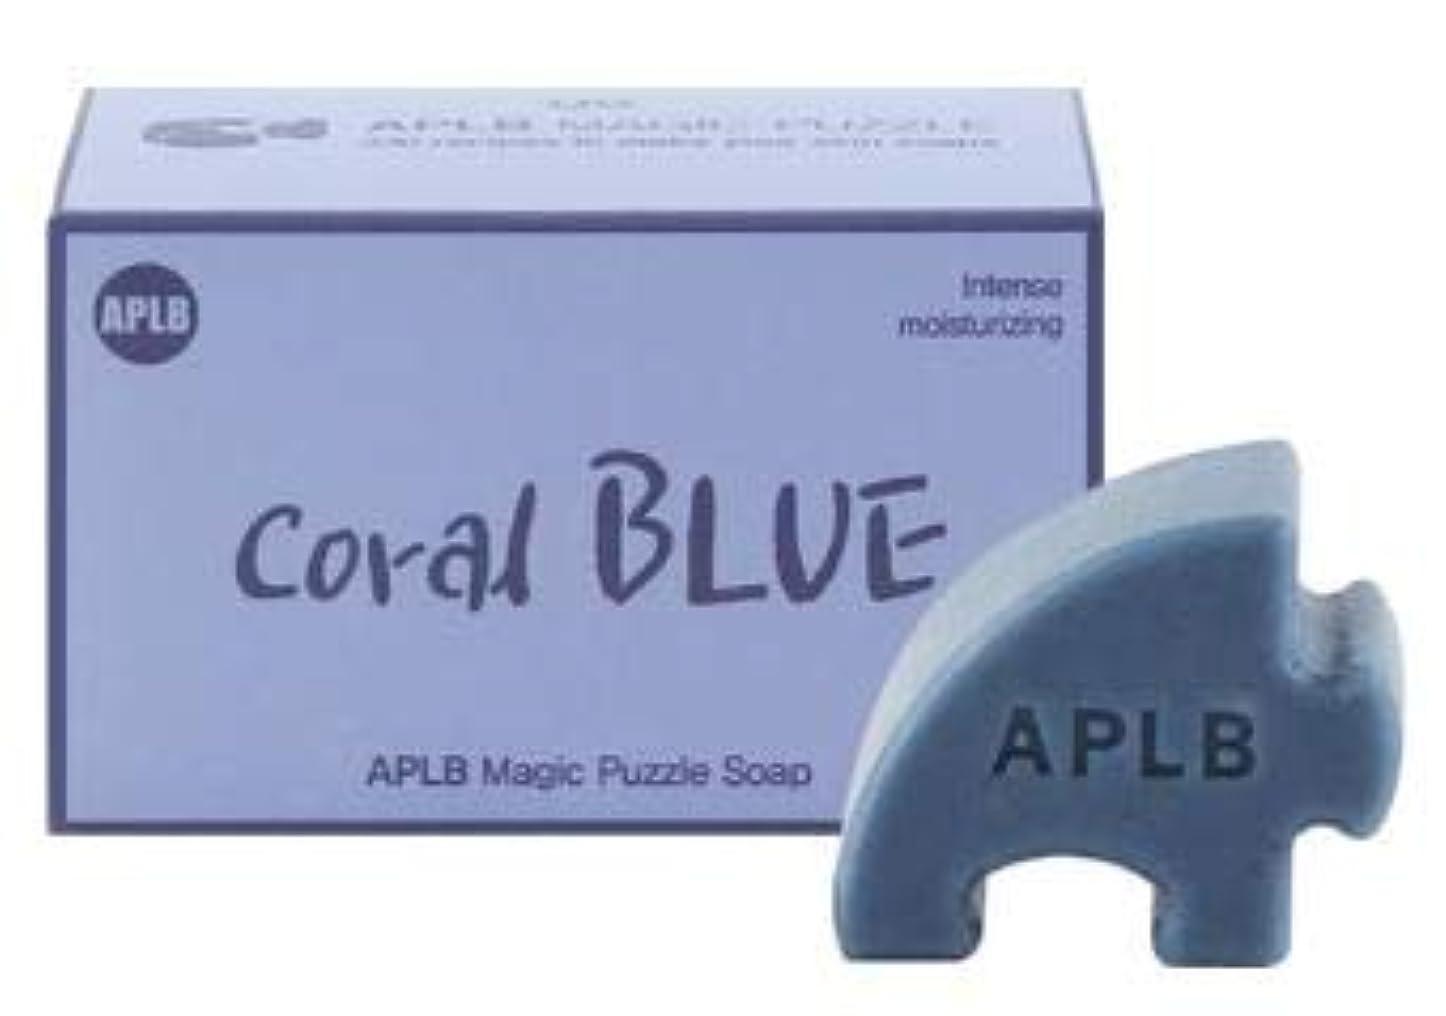 洗うライラック緊急APLB(エイプルビ) マジックパズル天然石鹸 05 CORAL BLUE セット 27g